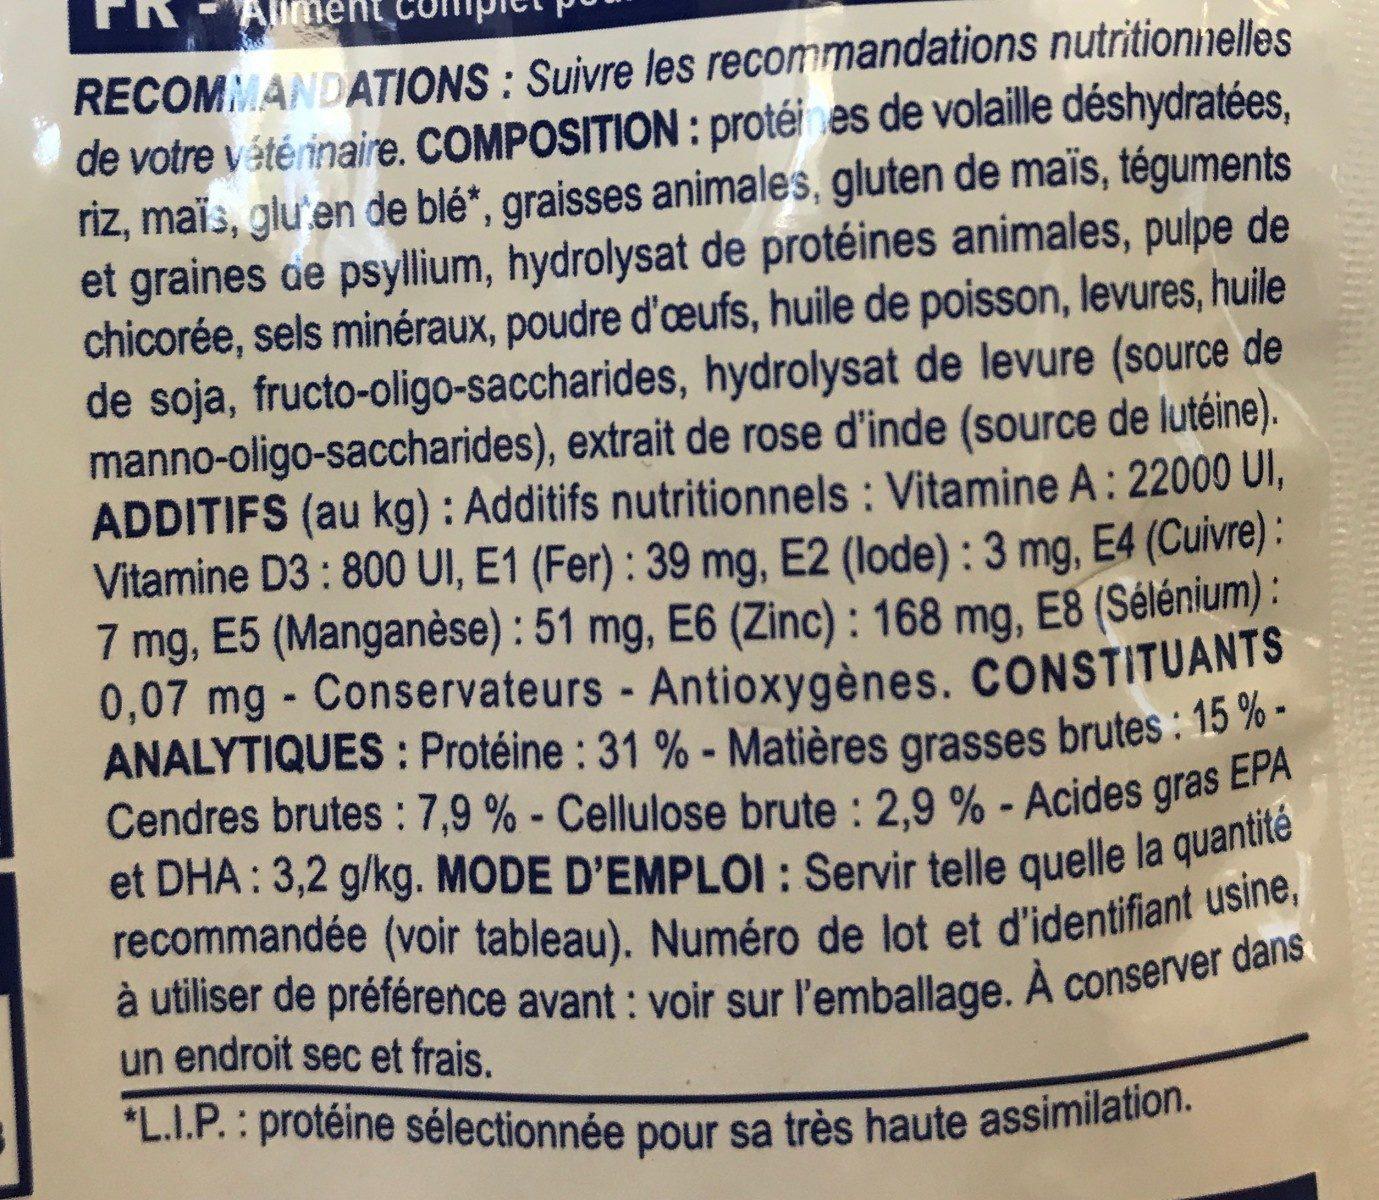 Scroquettes Royal Canin Fibre Response Pour Les Chats - Ingredients - fr